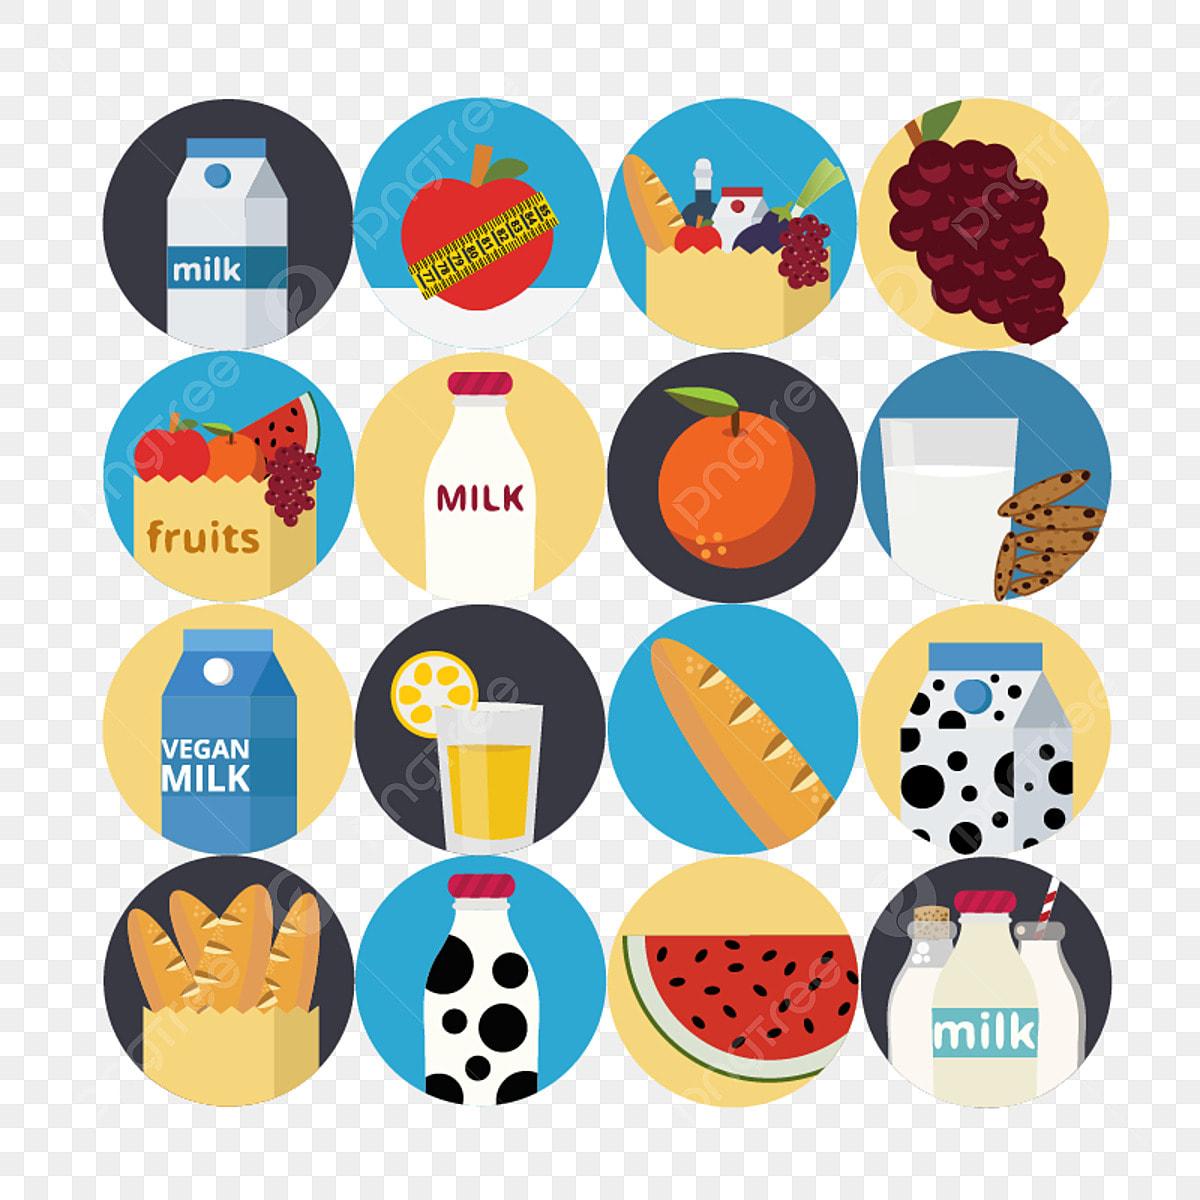 L Alimentation Des Icones Clipart Alimentaire Icone Fruit Png Et Vecteur Pour Telechargement Gratuit